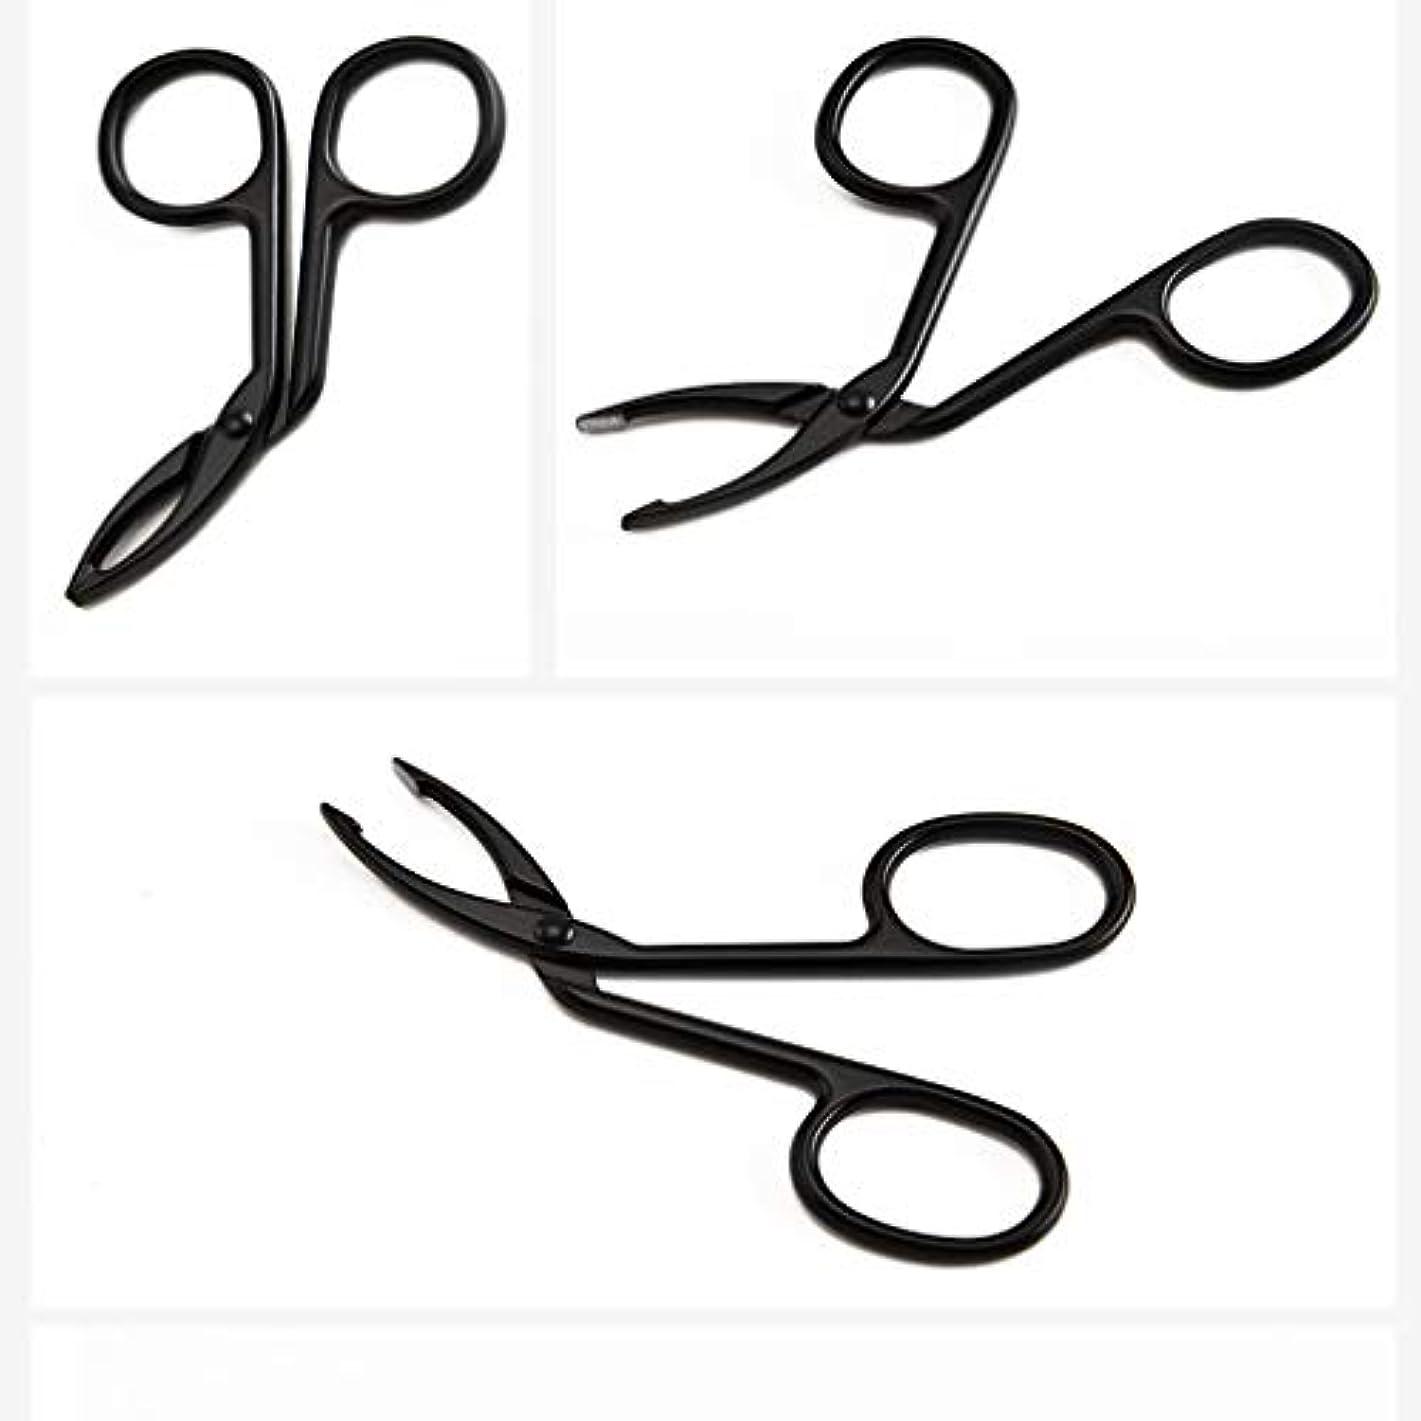 タクトいらいらさせる難破船LUXWELL(ラクスウェル)眉毛ピンセットアイブロウ ピンセットクリップ 毛抜き まゆ毛ピンセット 人気の 化粧工具 クリップ